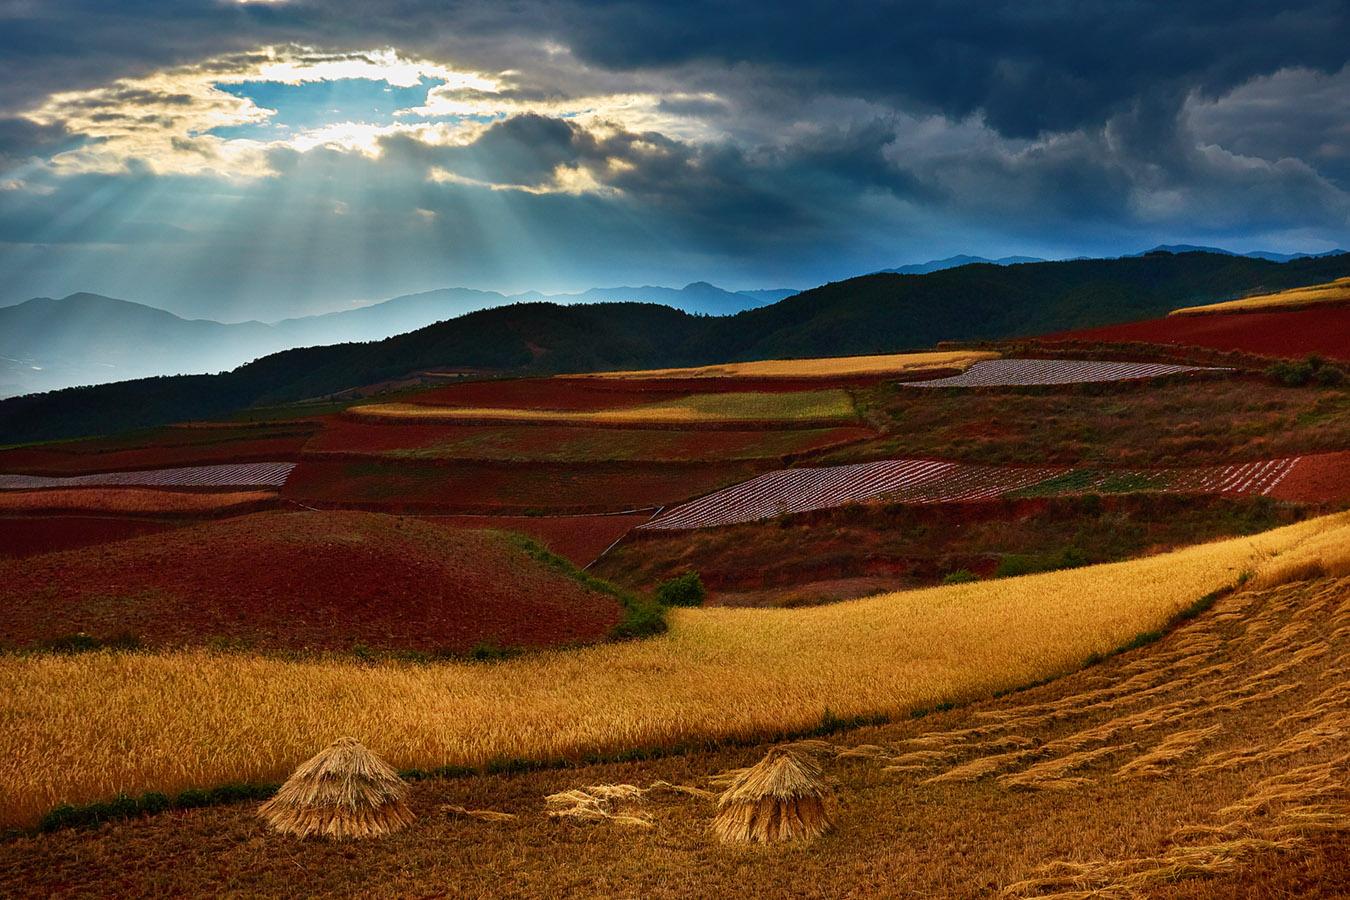 李达明作品:光漏红土地